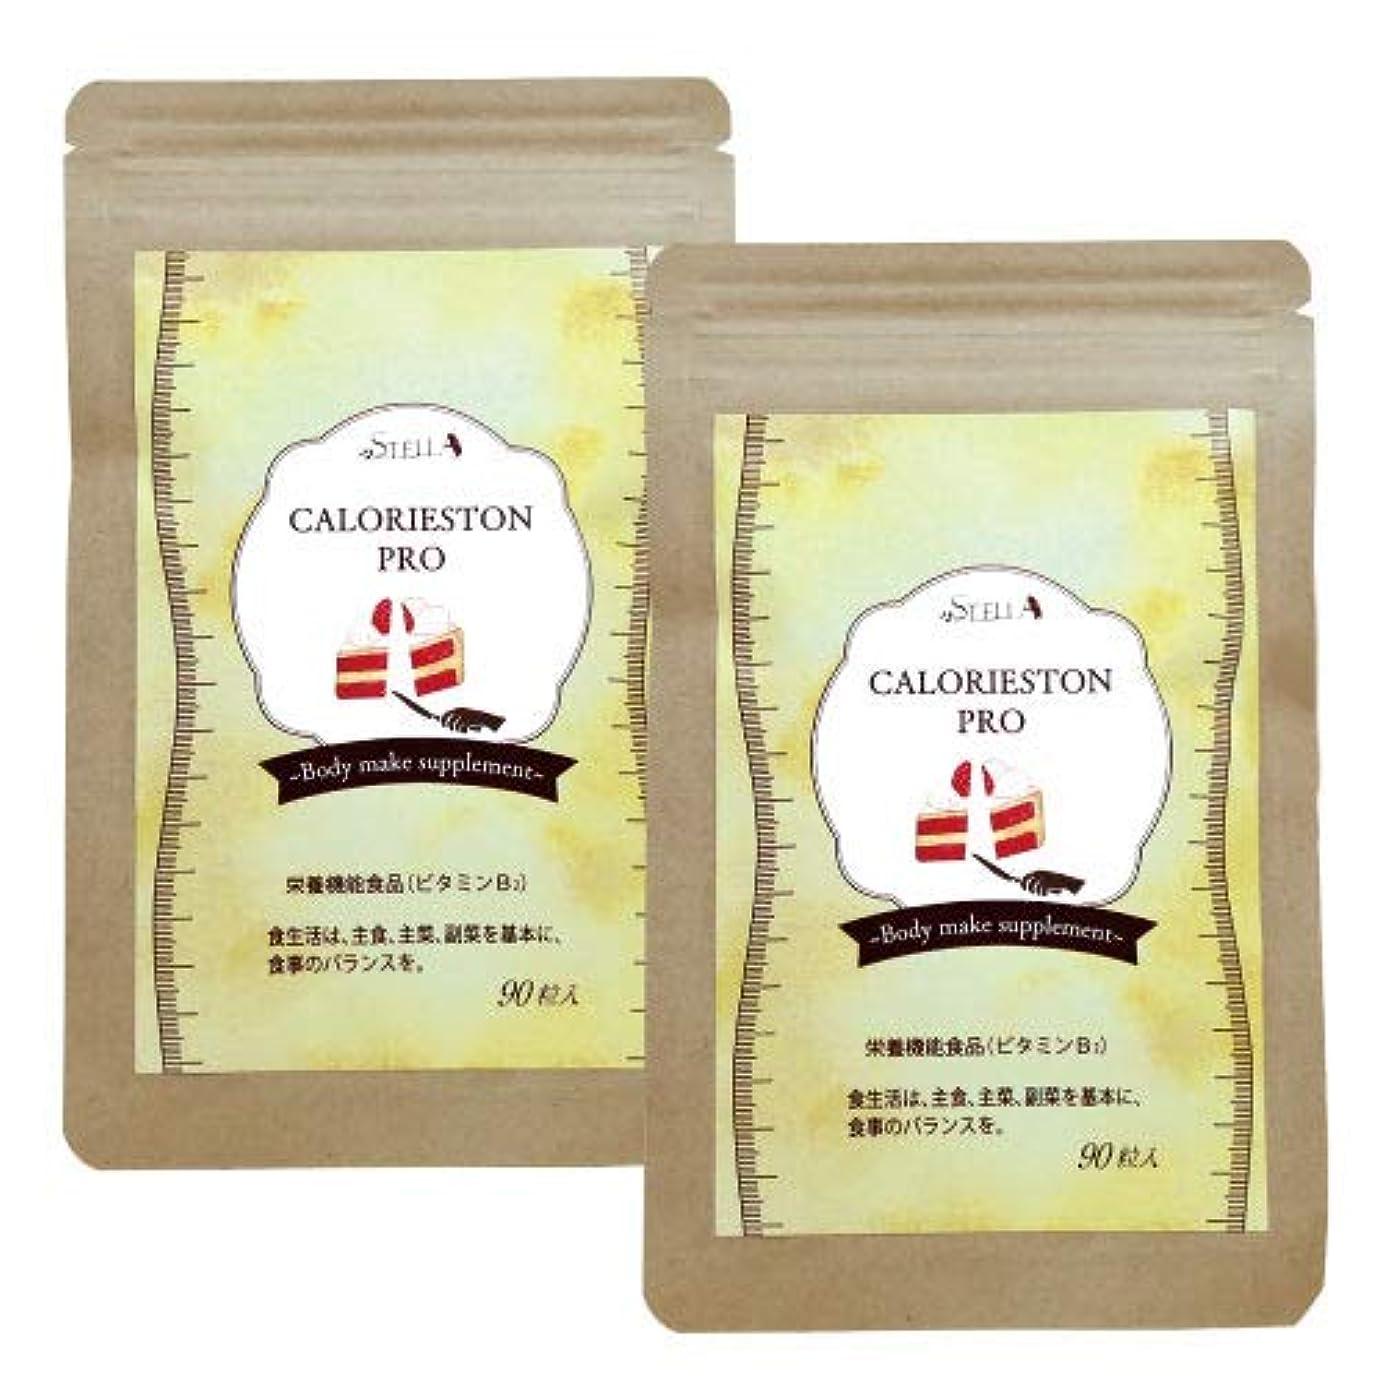 蒸発必需品平らな【公式保証】カロリストンPRO(2本セット)